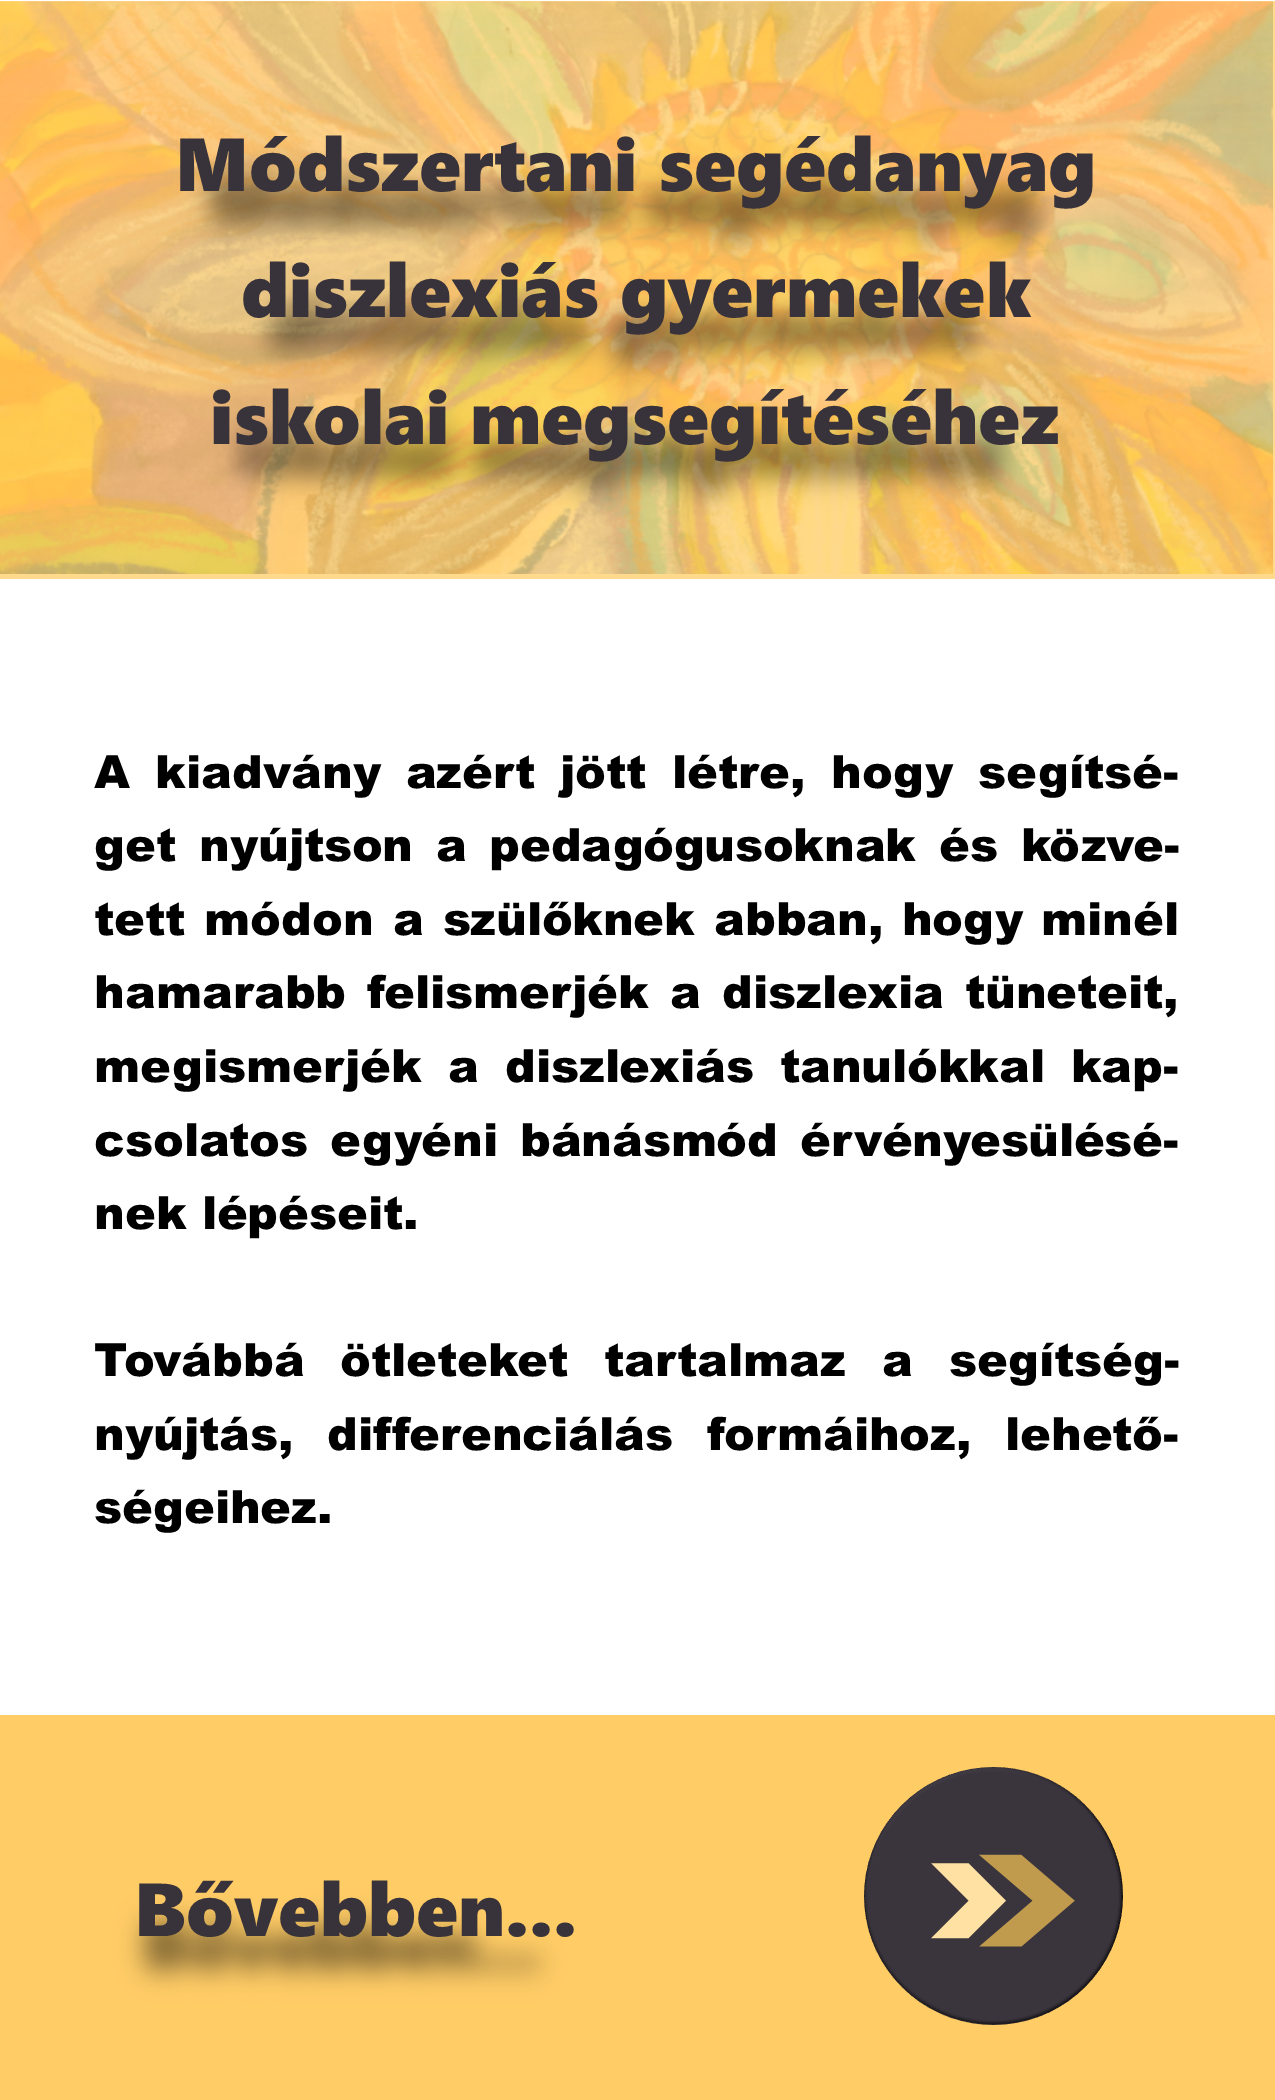 Webhelyhez_diszlexia